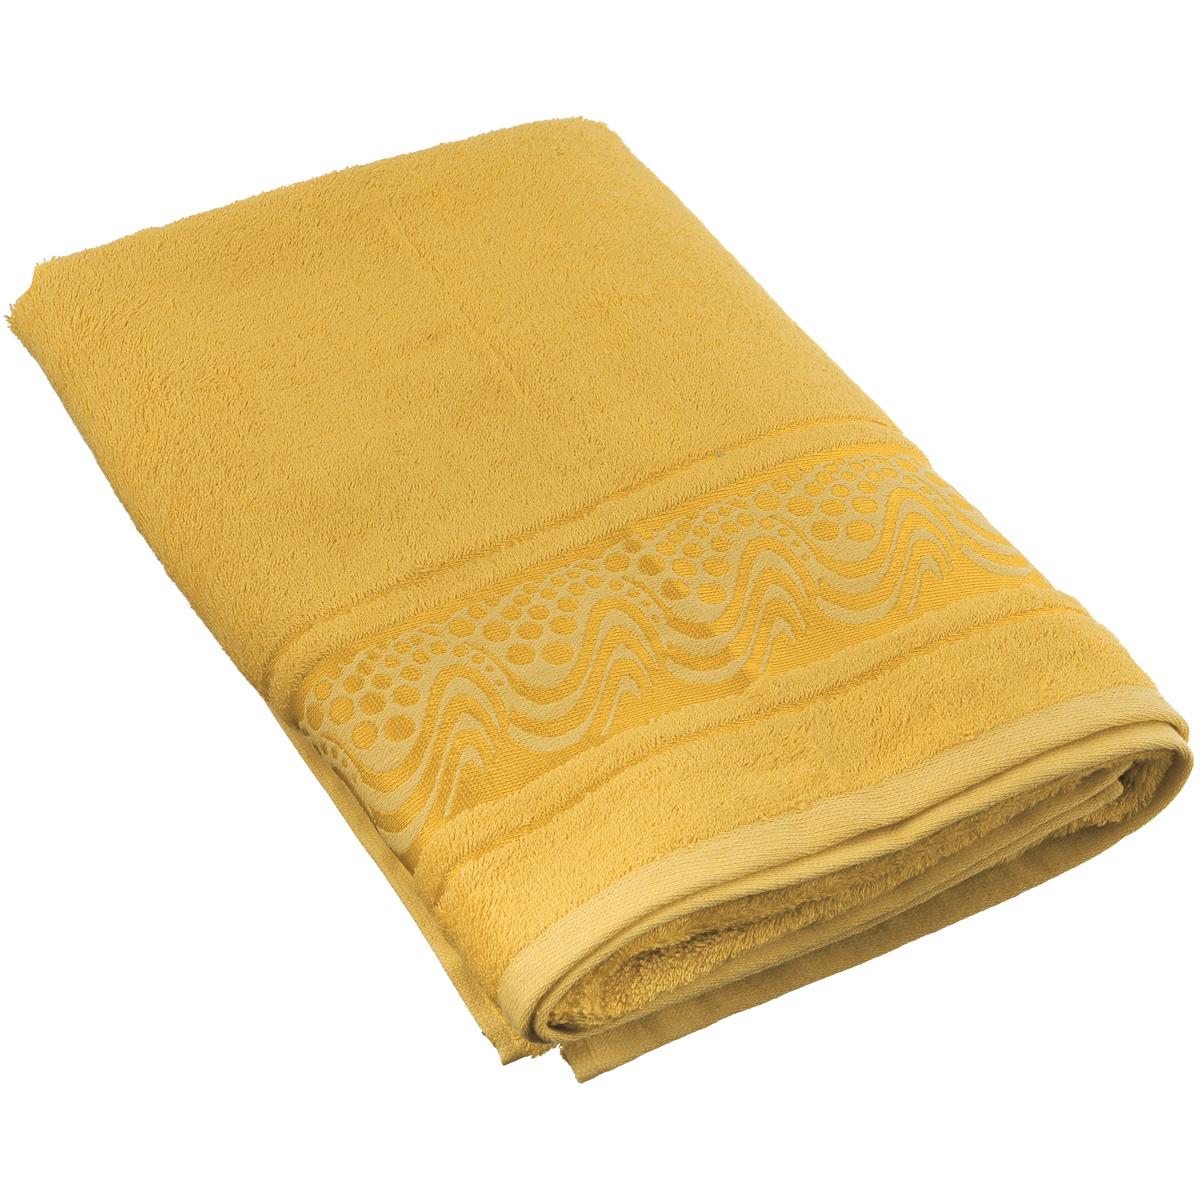 Полотенце Mariposa Aqua, цвет: золотистый, 70 см х 140 смLX-OZ08Полотенце Mariposa Aqua, изготовленное из 60% бамбука и 40% хлопка, подарит массу положительных эмоций и приятных ощущений.Полотенца из бамбука только издали похожи на обычные. На самом деле, при первом же прикосновении вы ощутите невероятную мягкость и шелковистость. Таким полотенцем не нужно вытираться - только коснитесь кожи - и ткань сама все впитает! Несмотря на богатую плотность и высокую петлю полотенца, оно быстро сохнет, остается легким даже при намокании.Полотенце оформлено волнистым рисунком. Благородный тон создает уют и подчеркивает лучшие качества махровой ткани. Полотенце Mariposa Aqua станет достойным выбором для вас и приятным подарком для ваших близких.Размер полотенца: 70 см х 140 см.